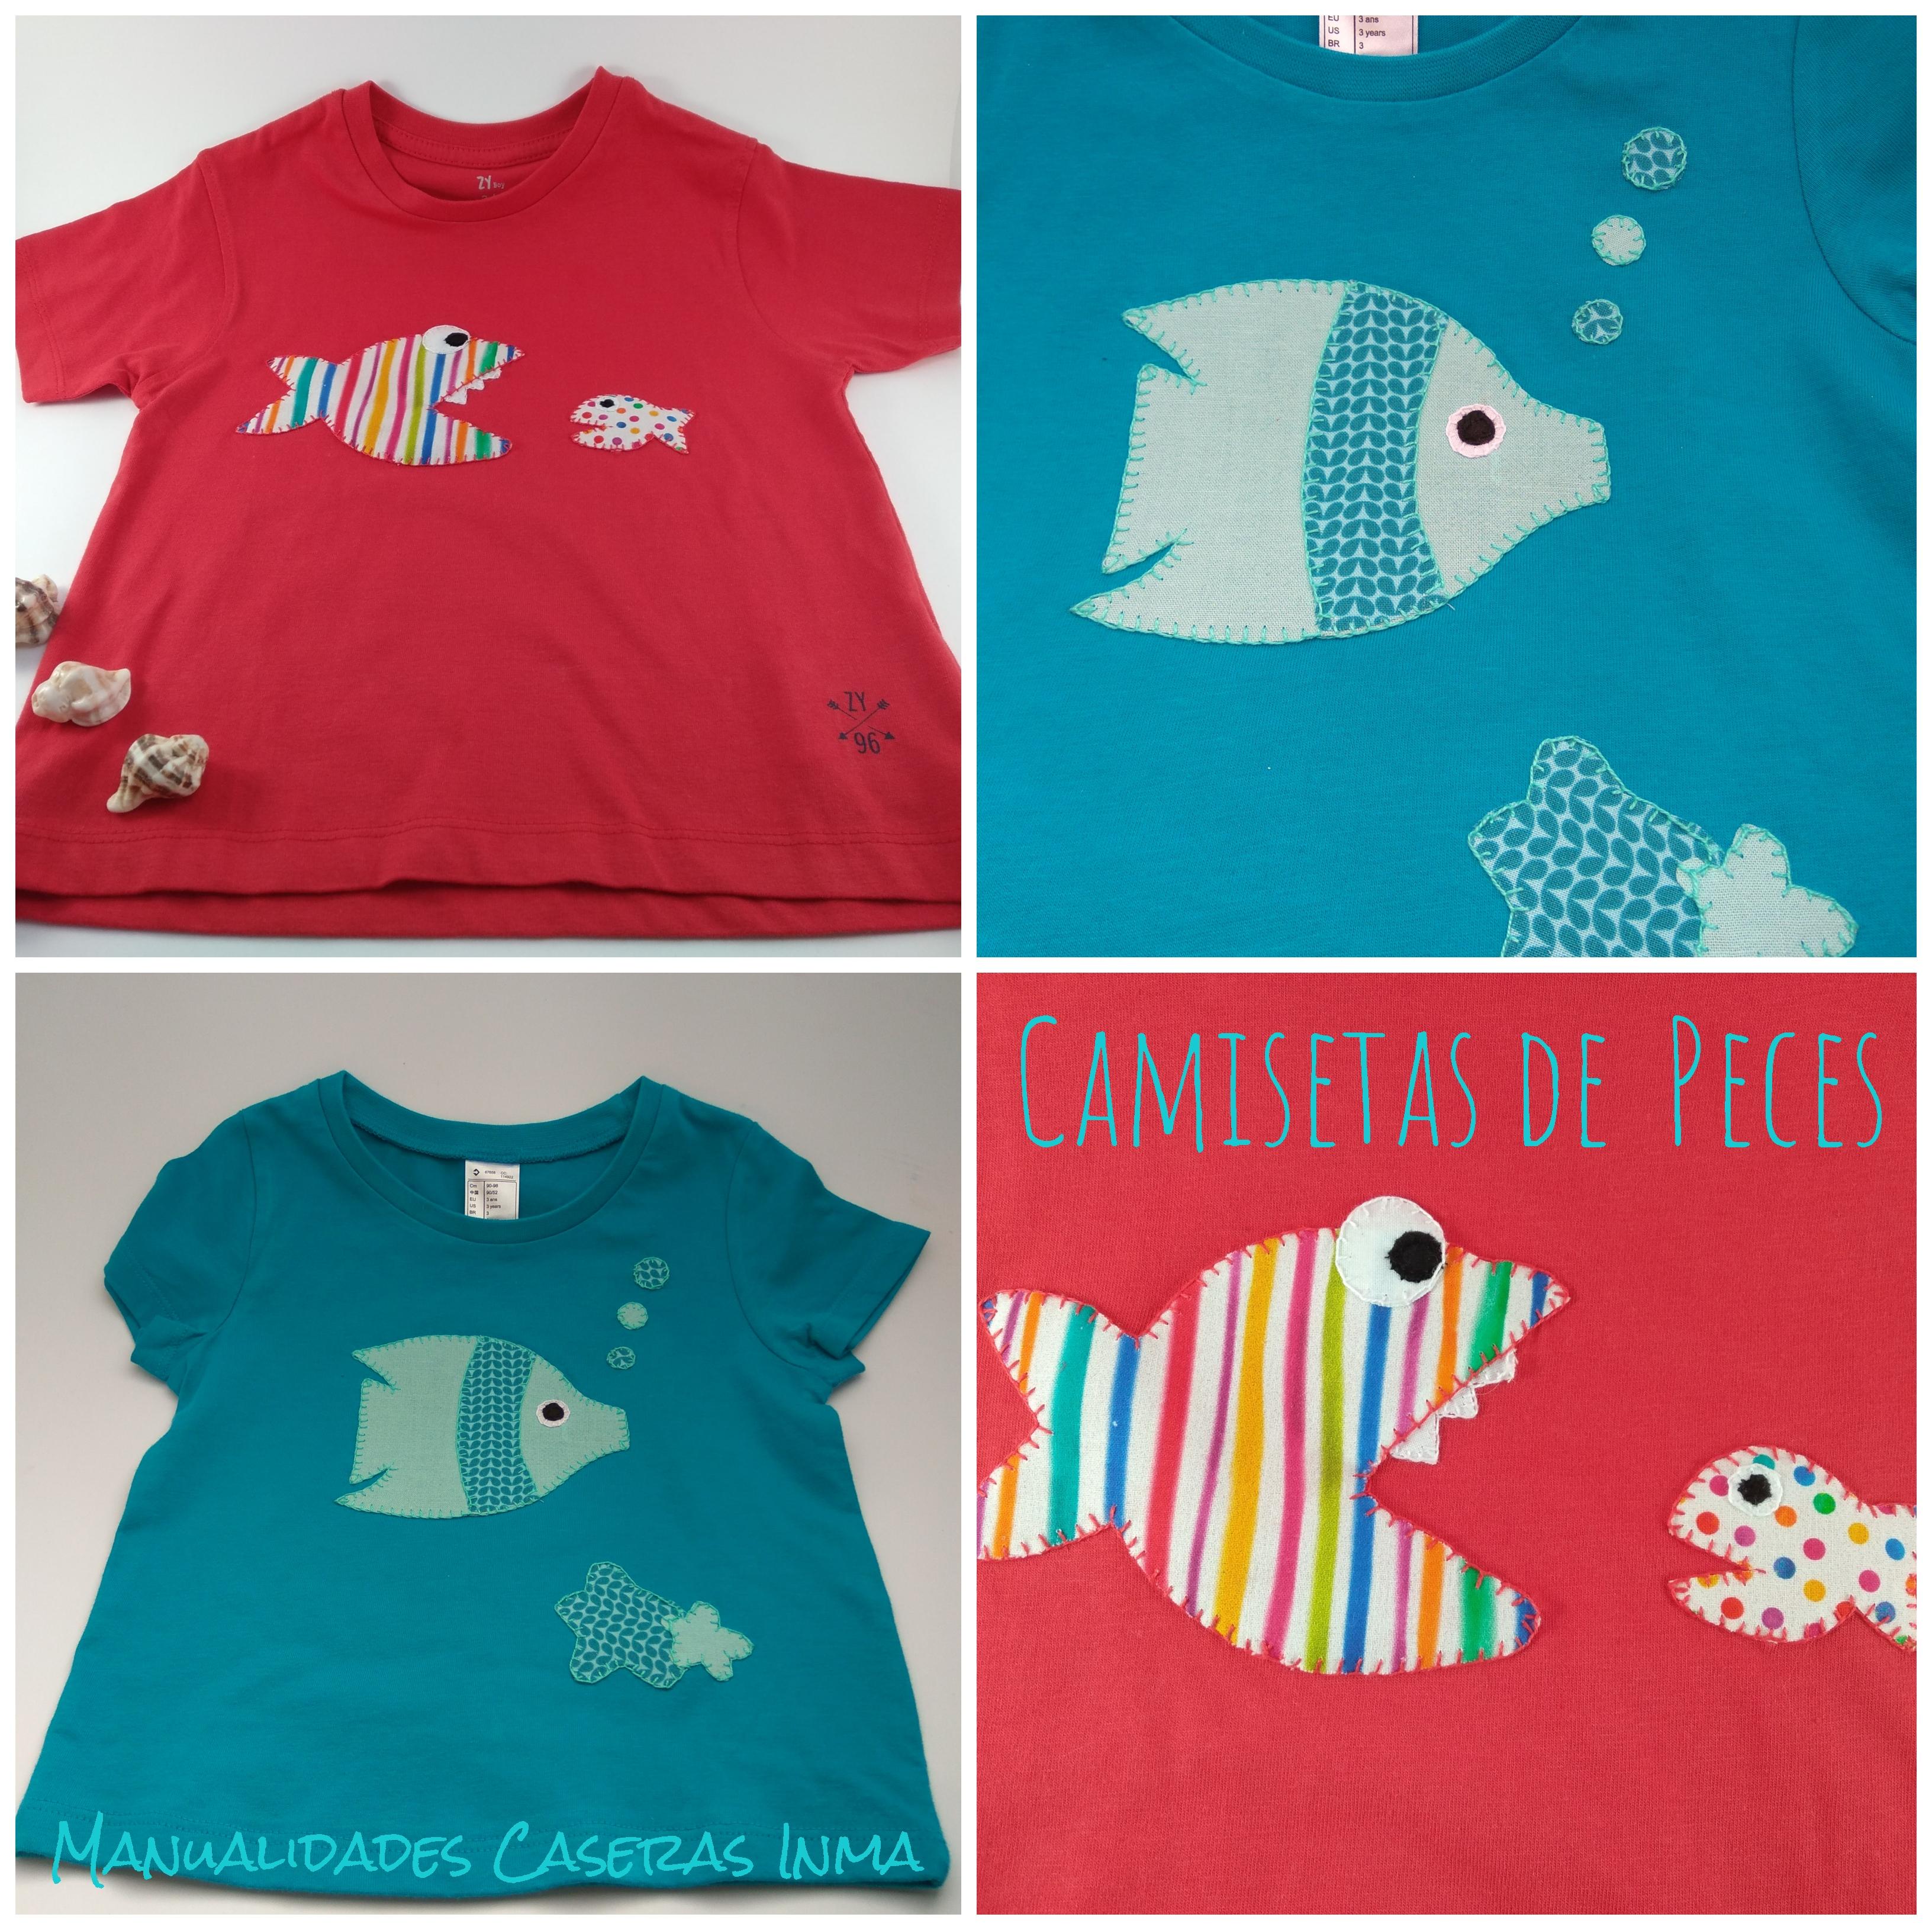 Manualidades Caseras Inma_ Camisetas de peces